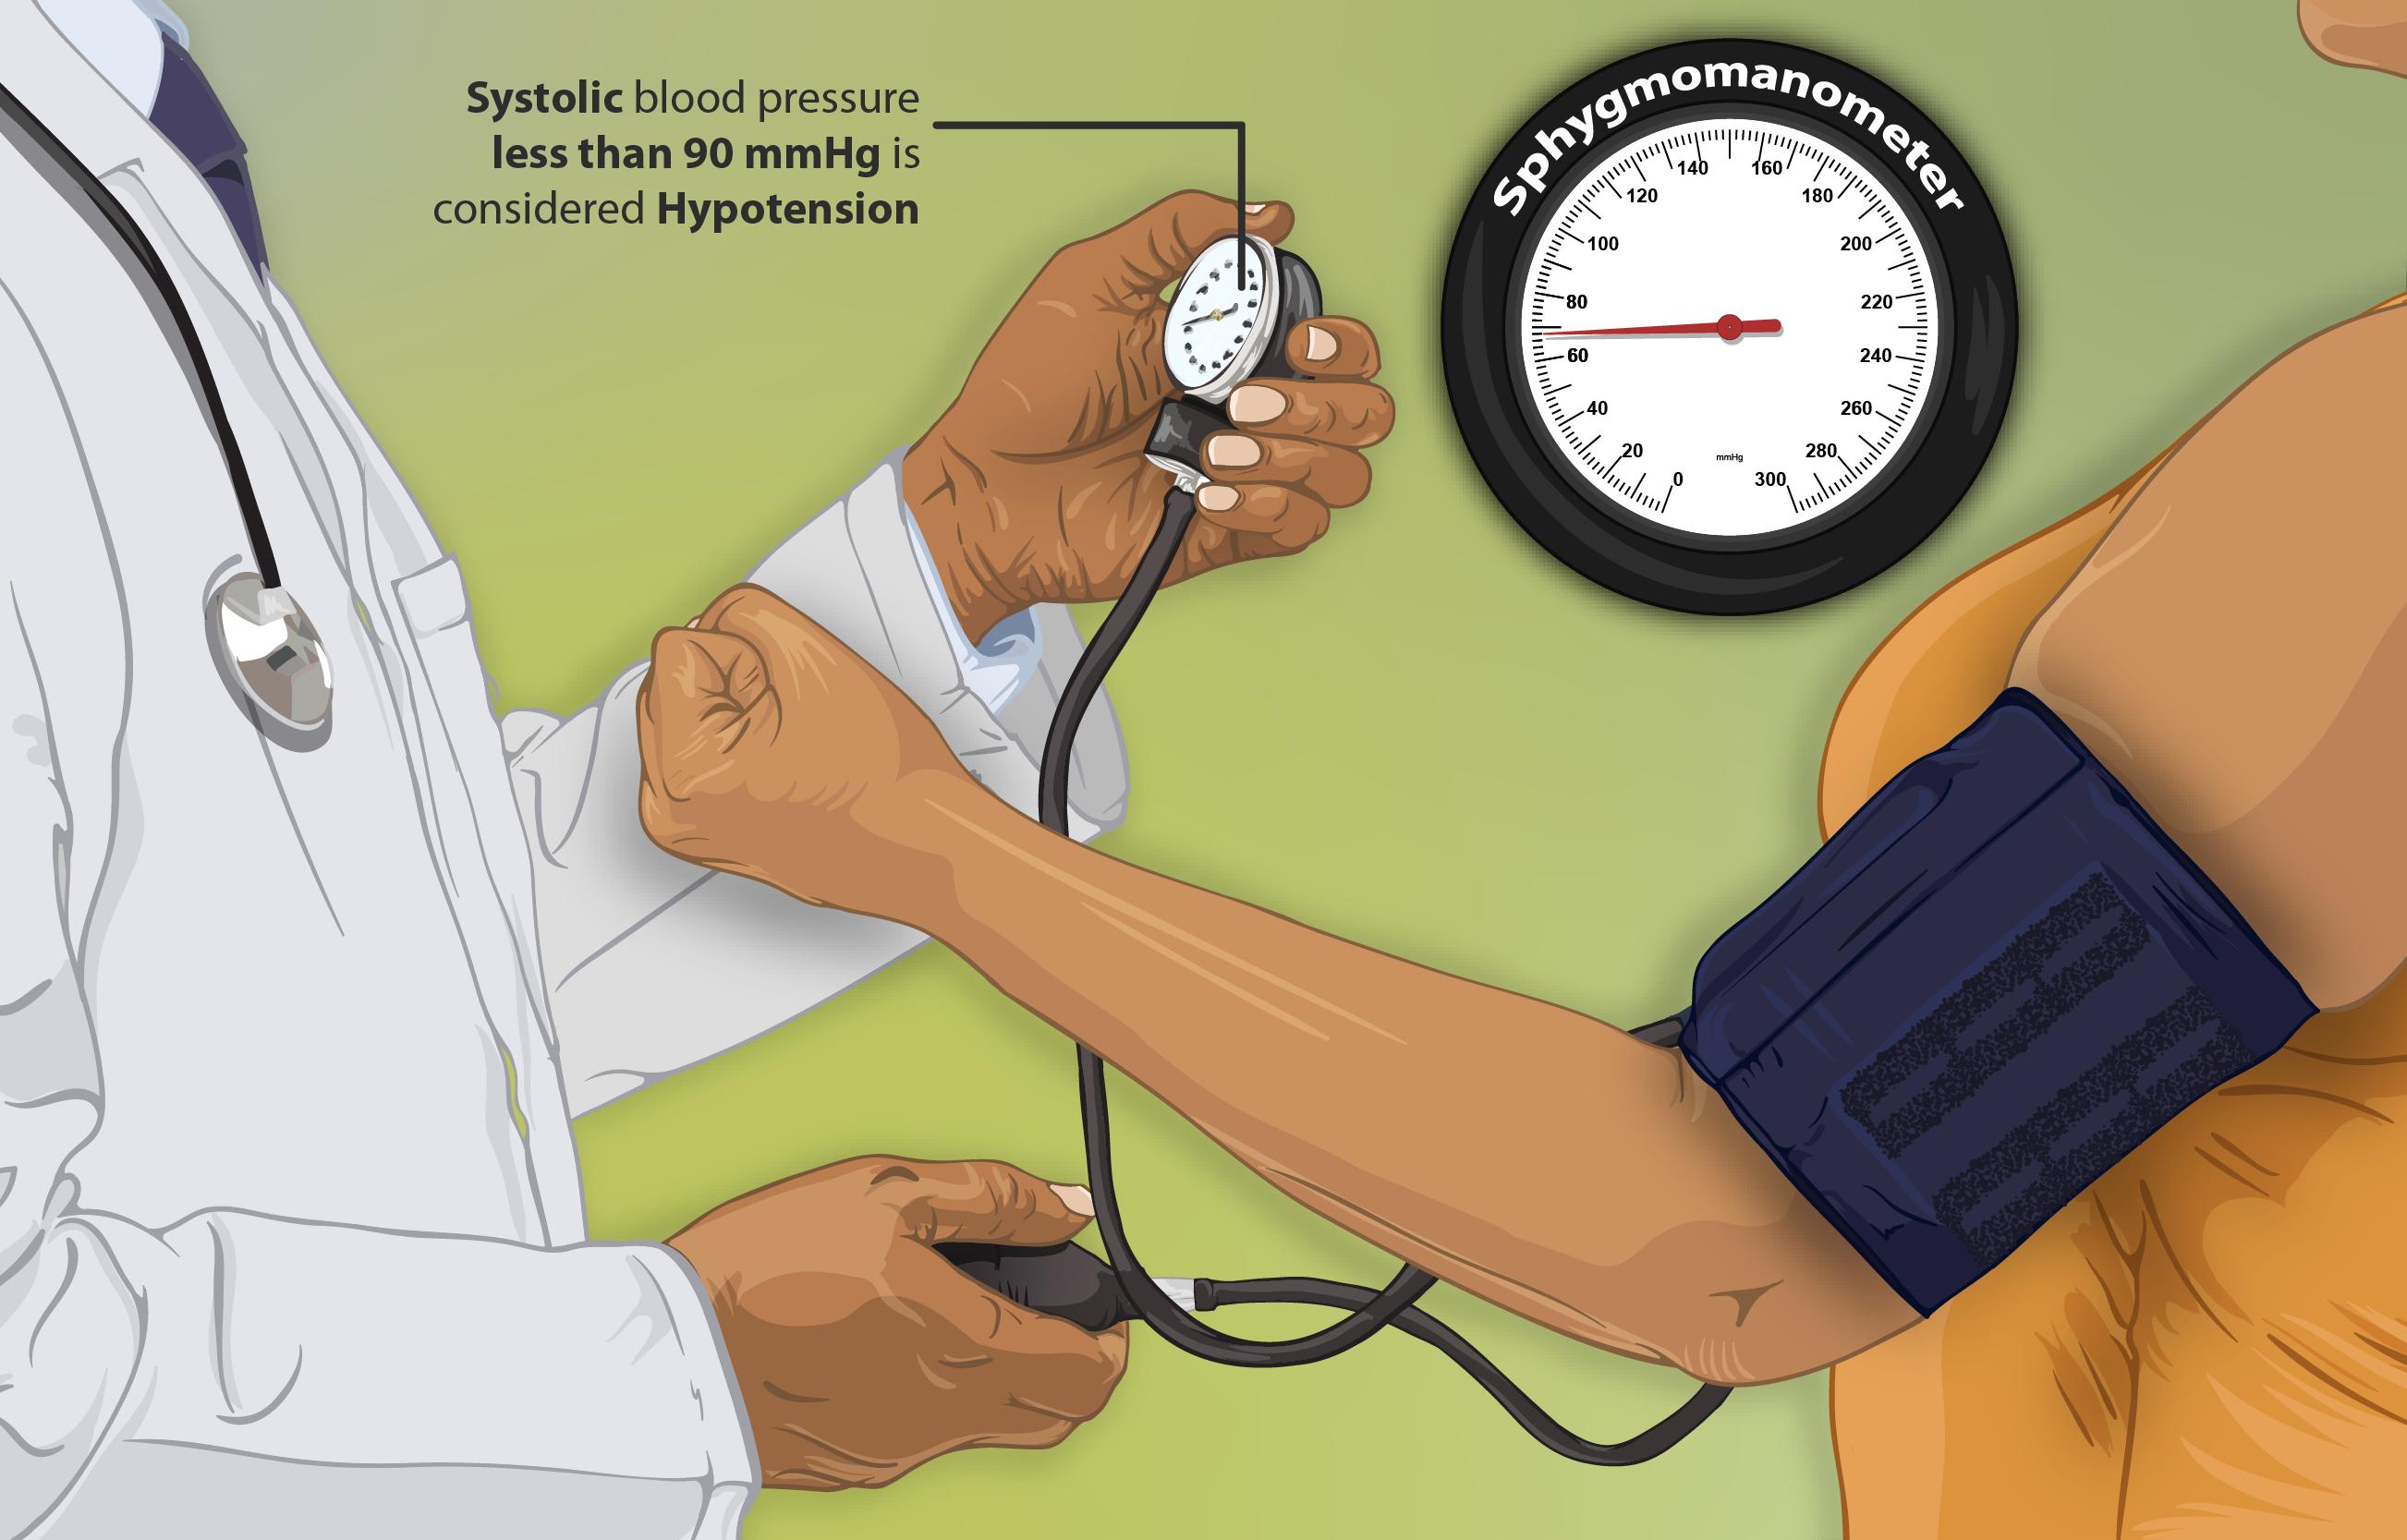 Hypotension - Wikipedia